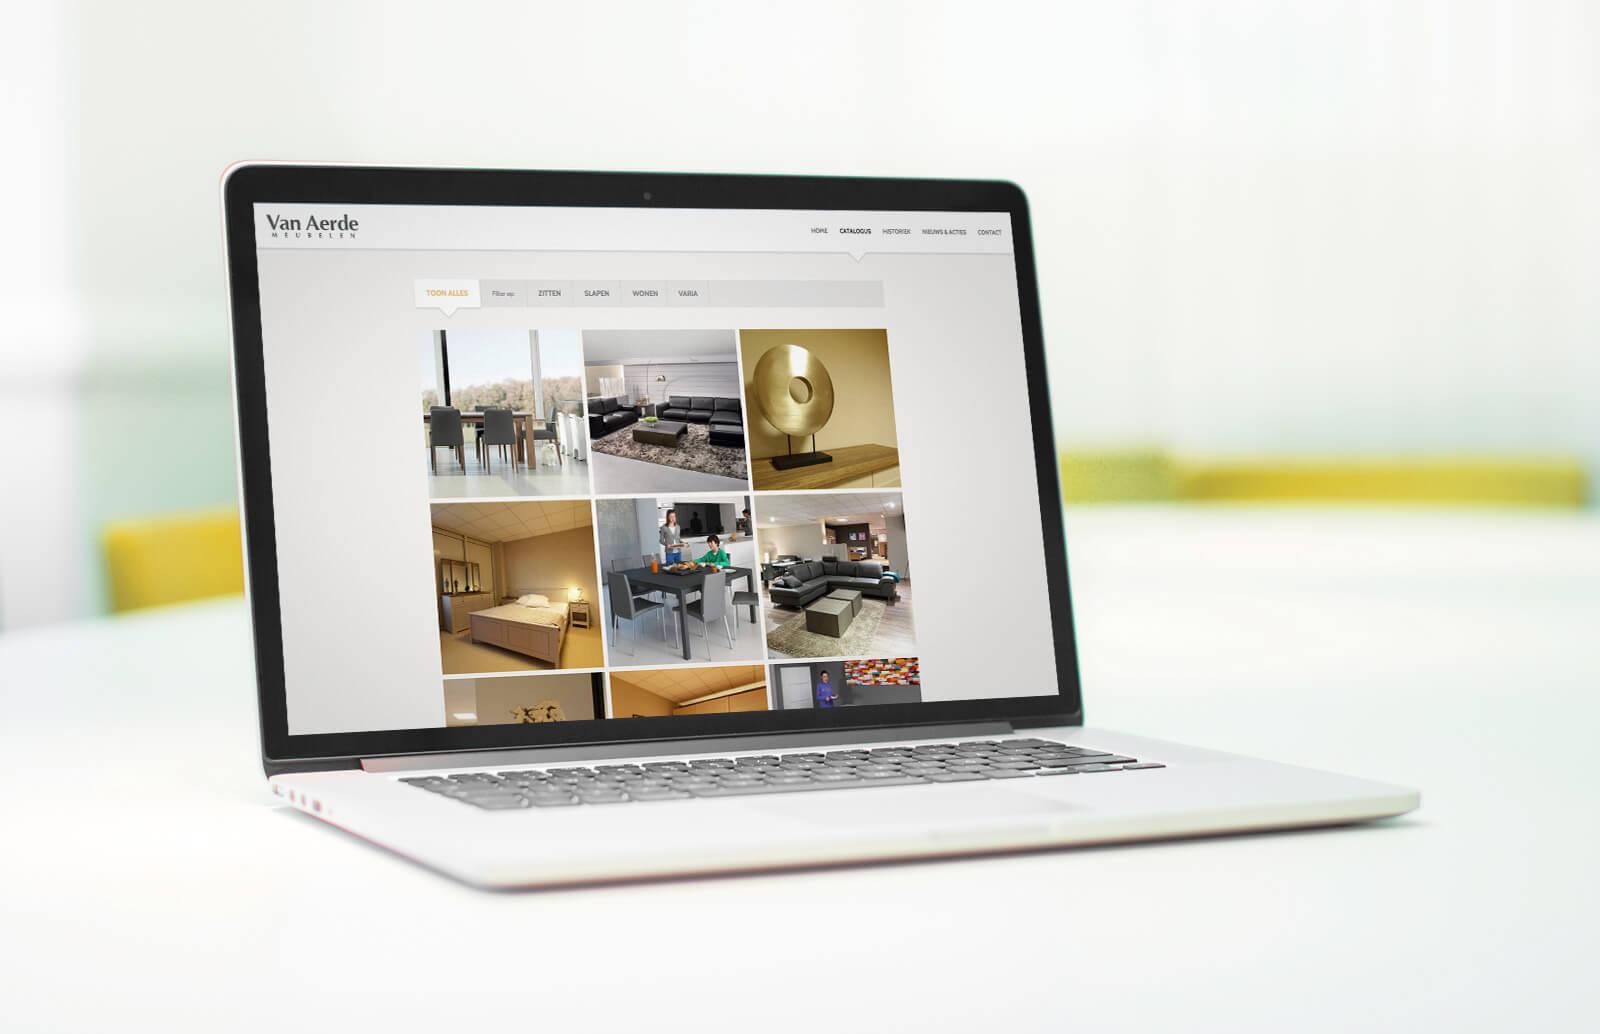 Website Meubelen Van Aerde - Webdesign Weblounge Brugge